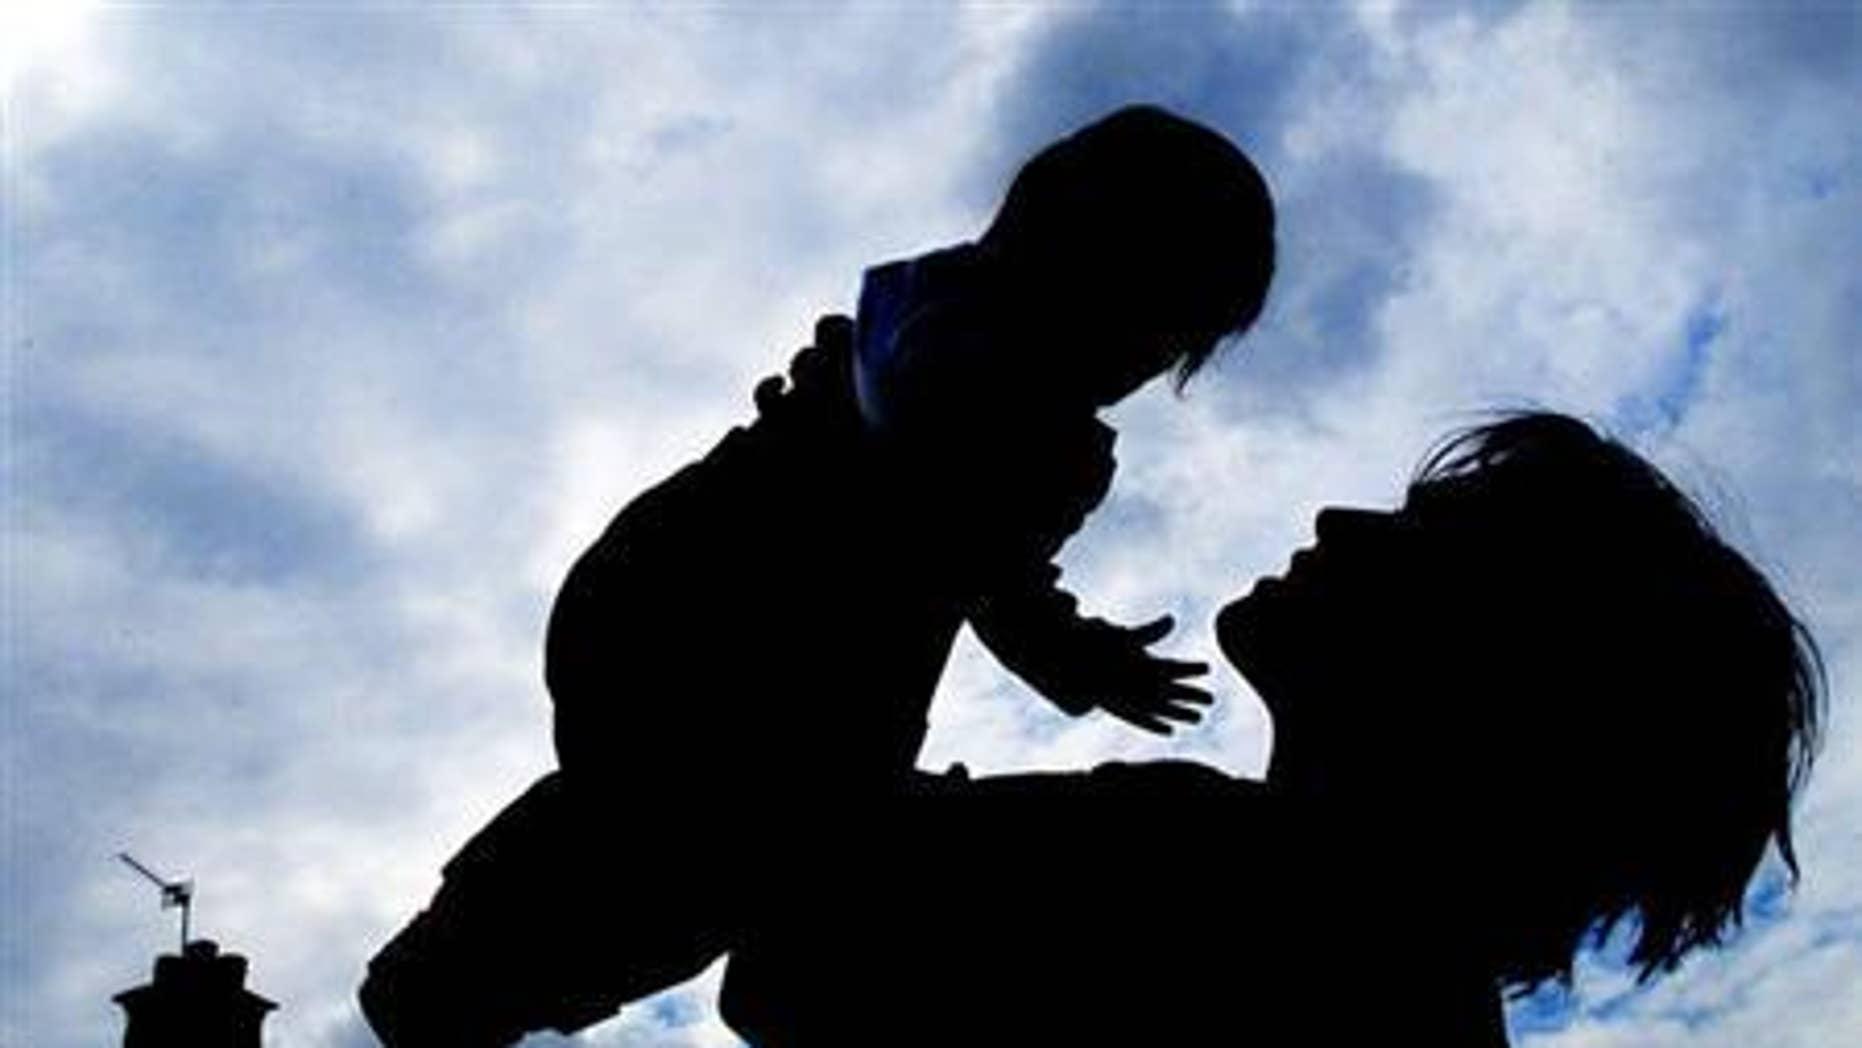 A parent and toddler.